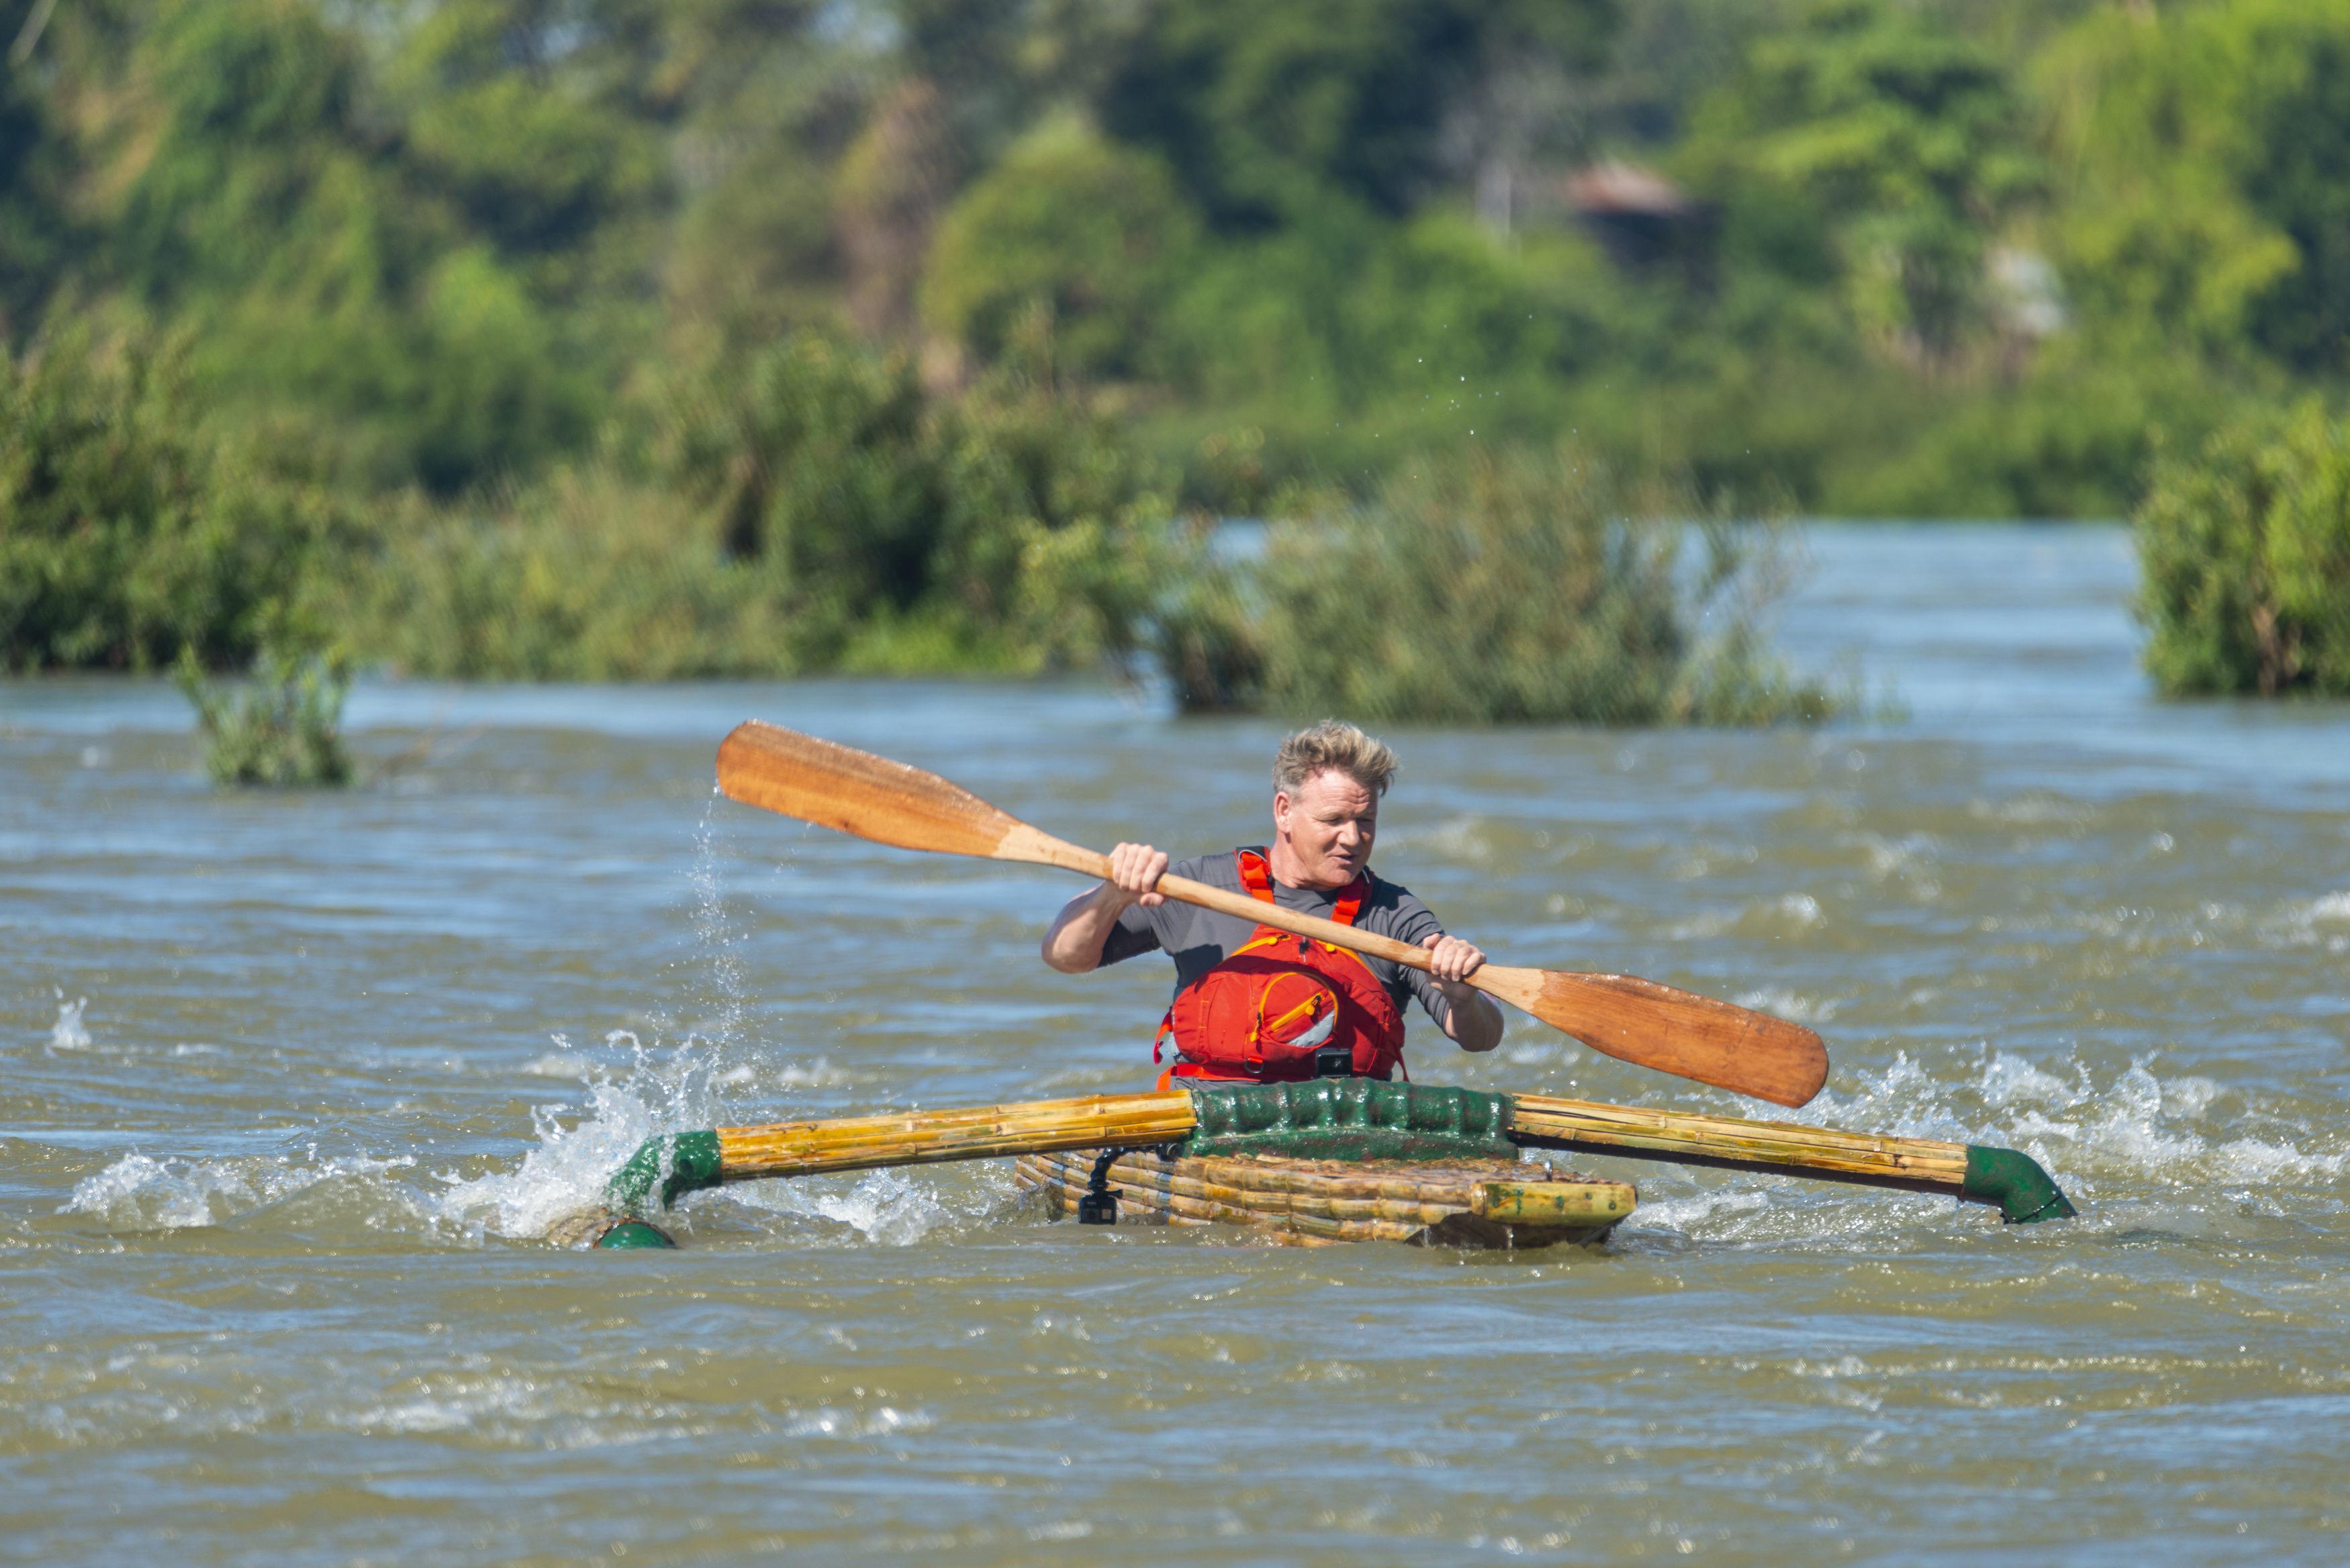 Ramsay making his way down the Mekong River, Laos